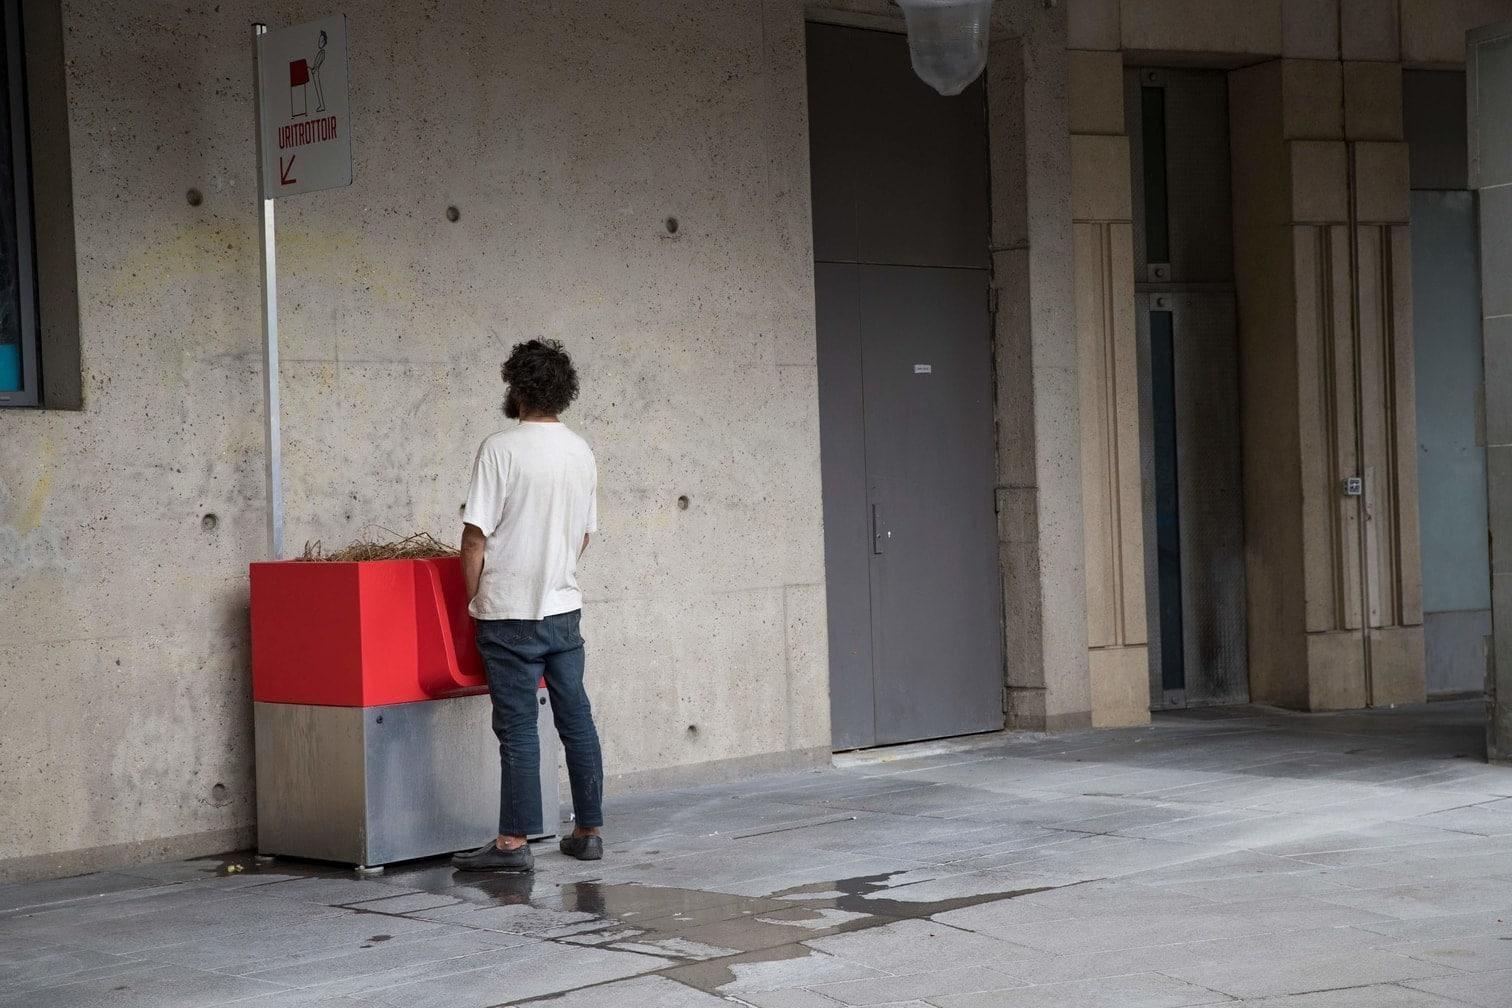 <p>Anwohner beschweren sich allerdings über die Standortwahl. So soll ein Urinal in unmittelbarer Nähe zu einer Schule aufgestellt worden sein.</p> Foto: AFP